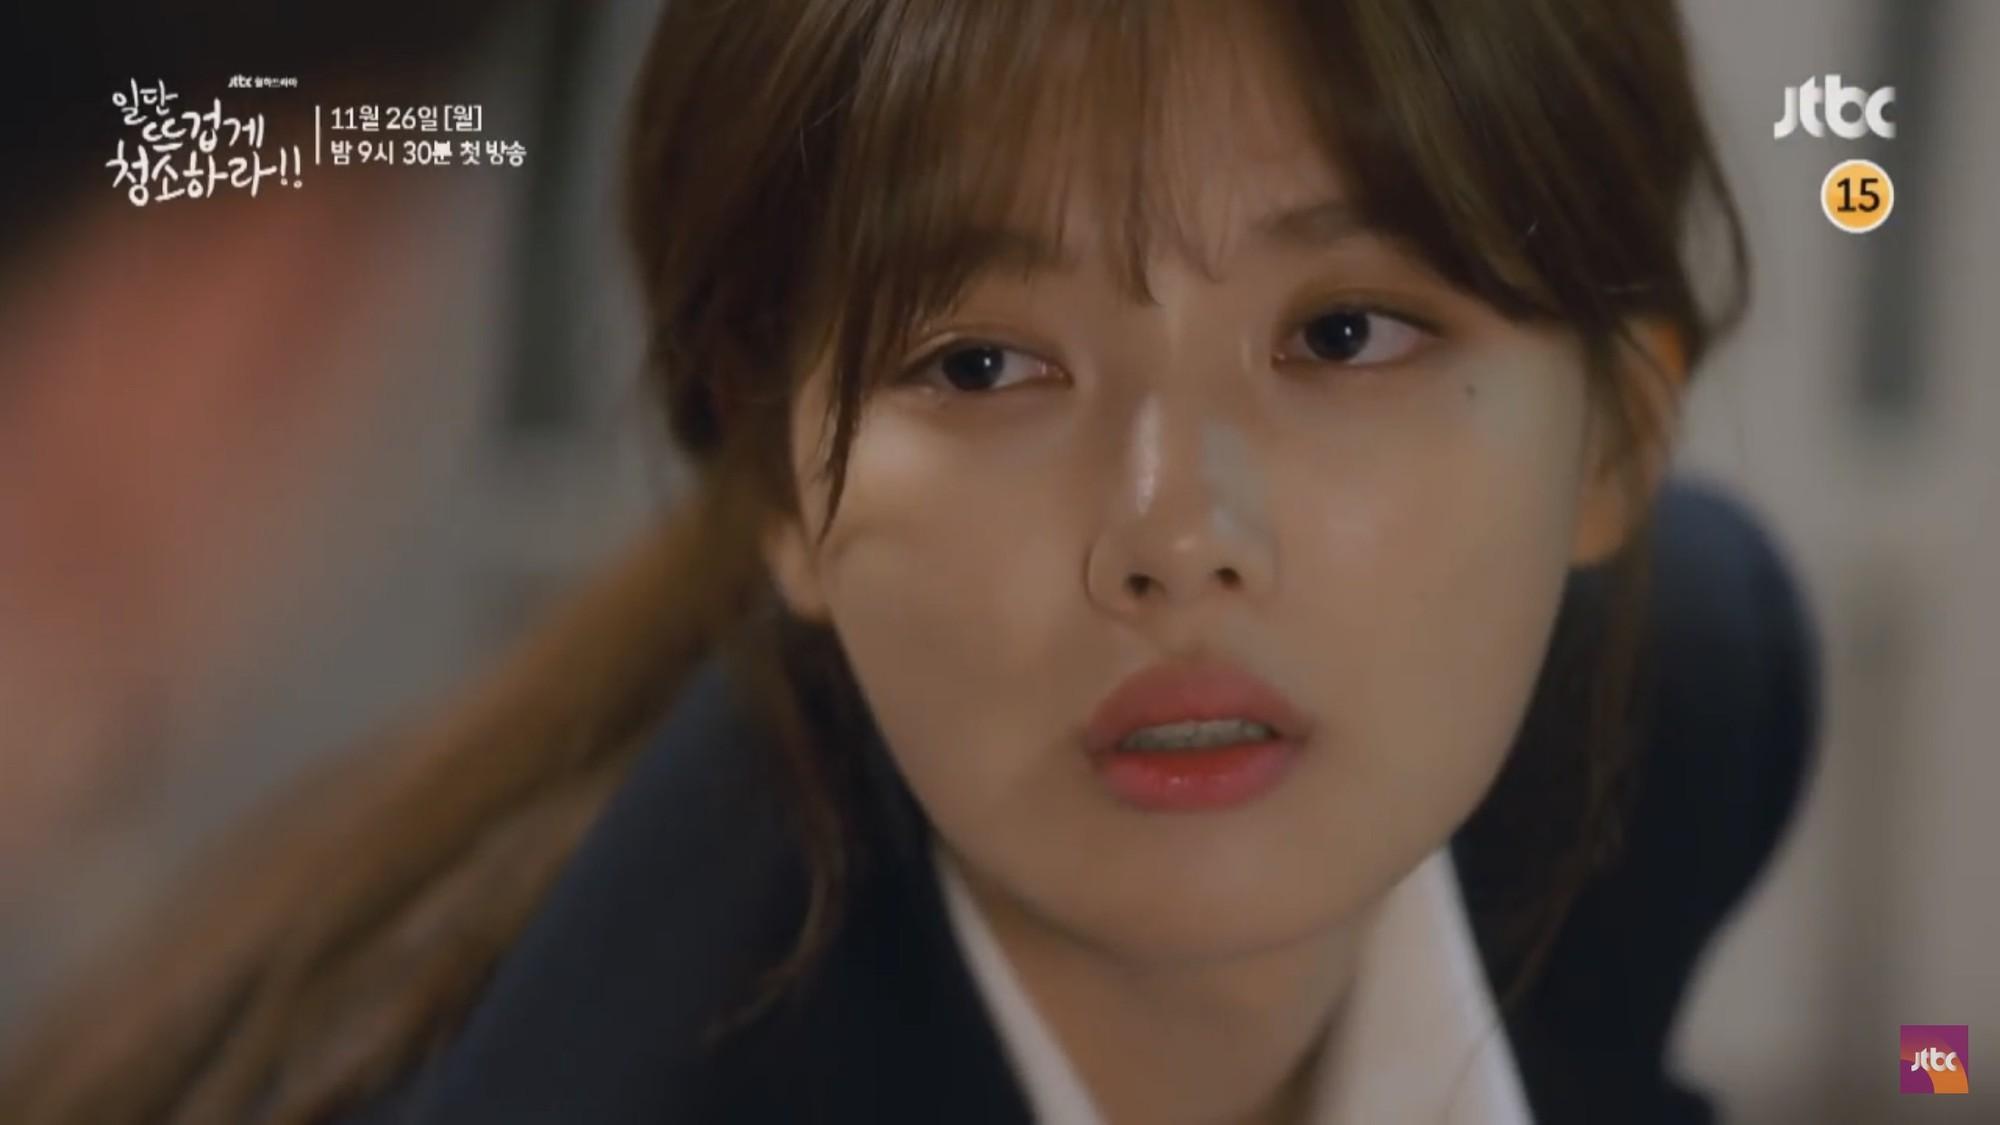 """Tiểu mỹ nhân Mây Họa Ánh Trăng Kim Yoo Jung hóa quý cô công sở trong """"Cô Tiên Dọn Dẹp"""" - Ảnh 10."""